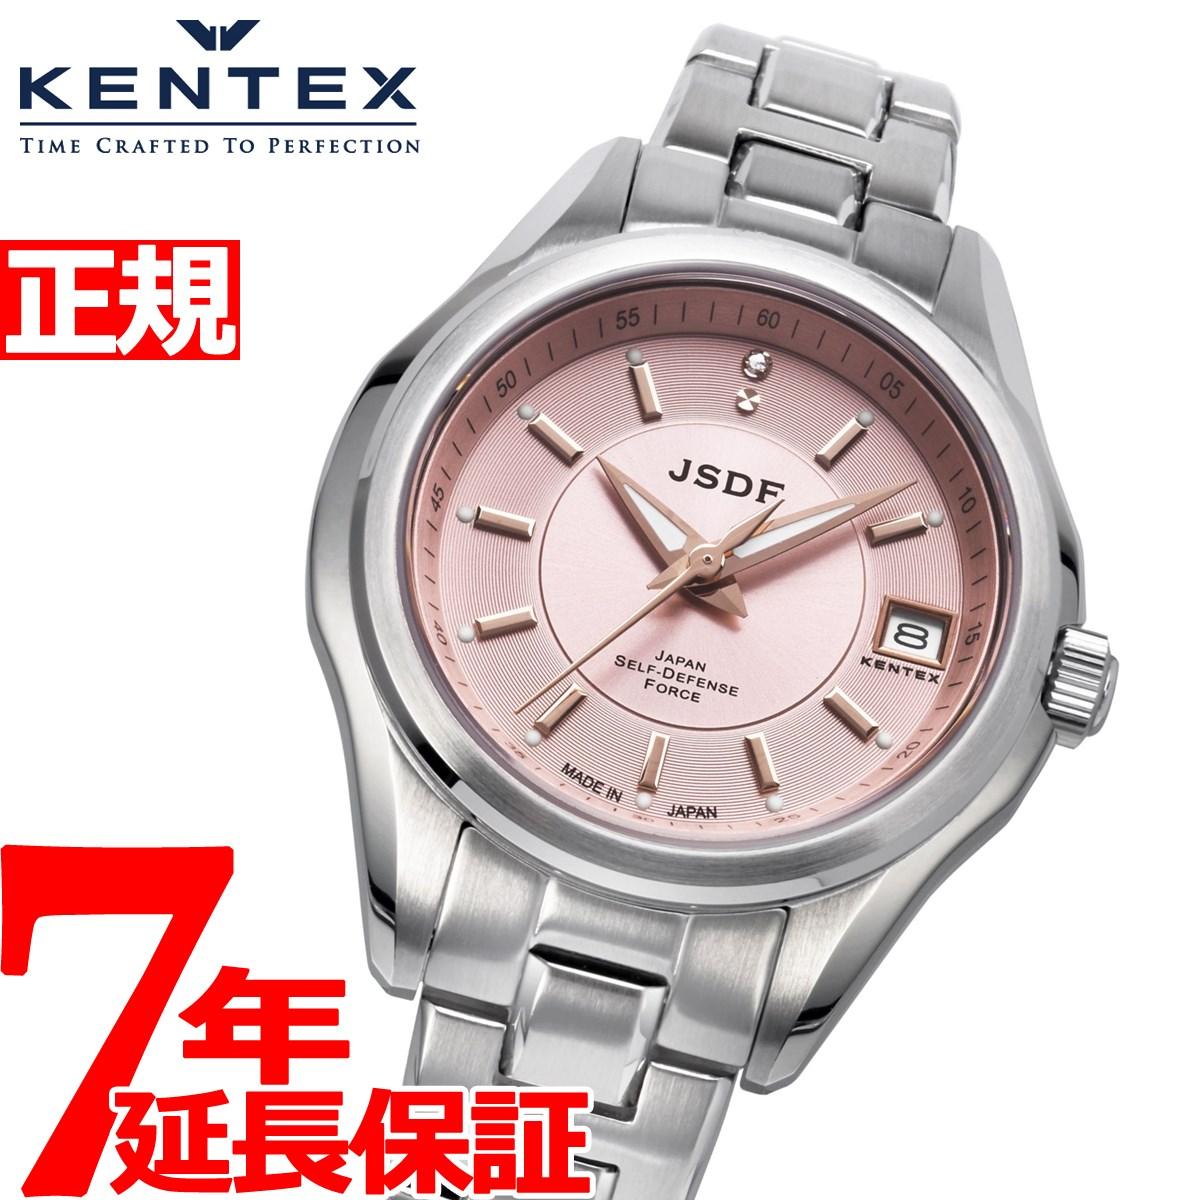 【5日0時~♪2000円OFFクーポン&店内ポイント最大51倍!5日23時59分まで】ケンテックス KENTEX JSDF 陸海空統合モデル 腕時計 レディース S789L-04